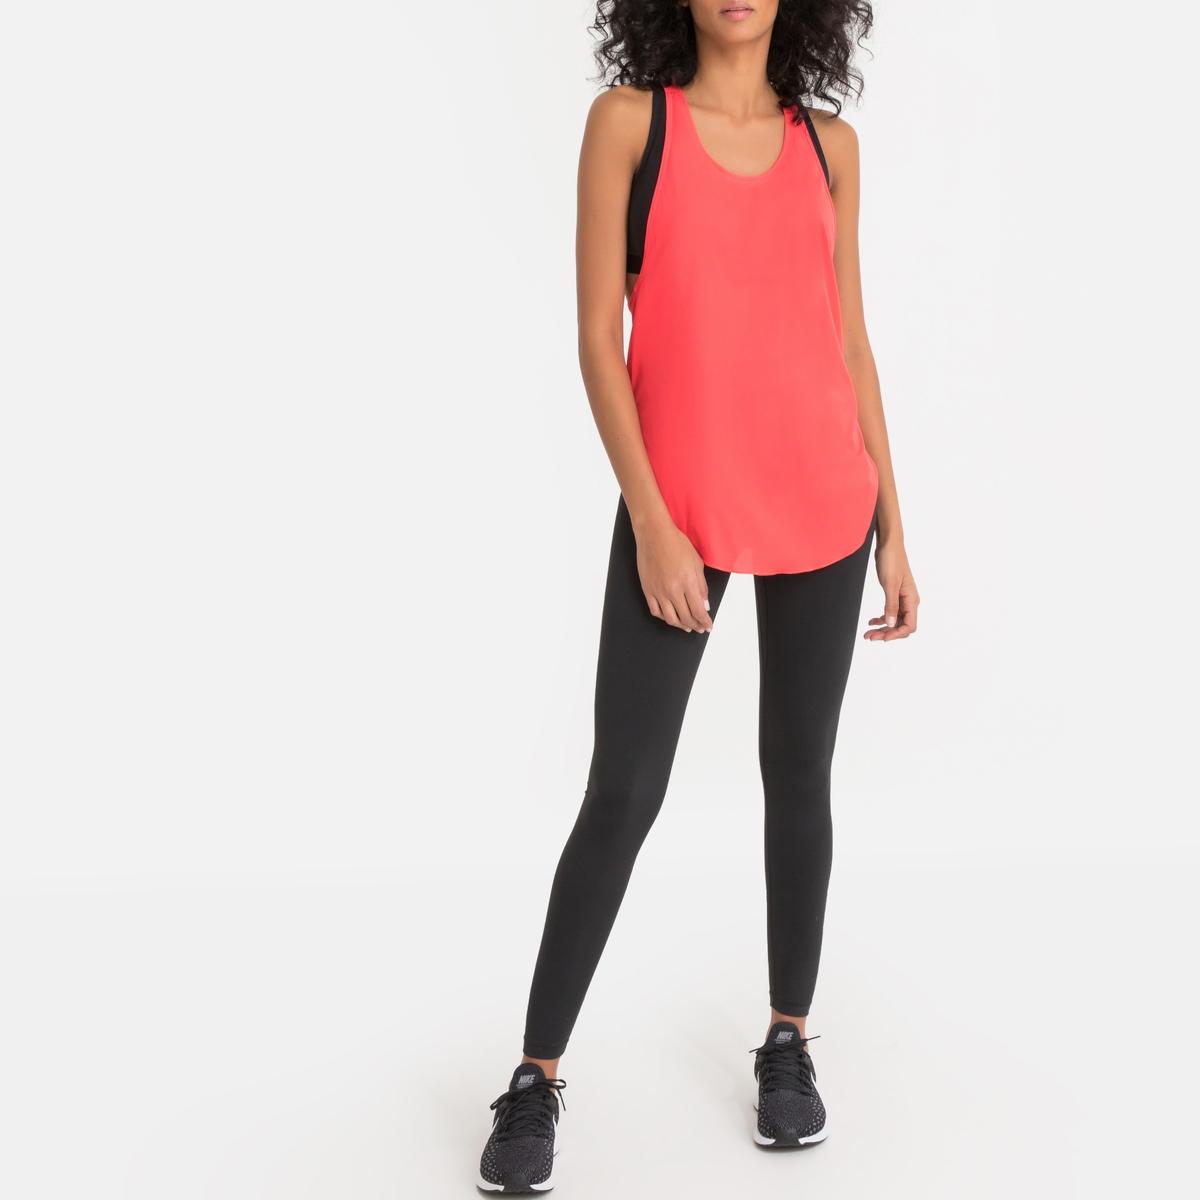 Imagen secundaria de producto de Camiseta de tirantes finos - Nike